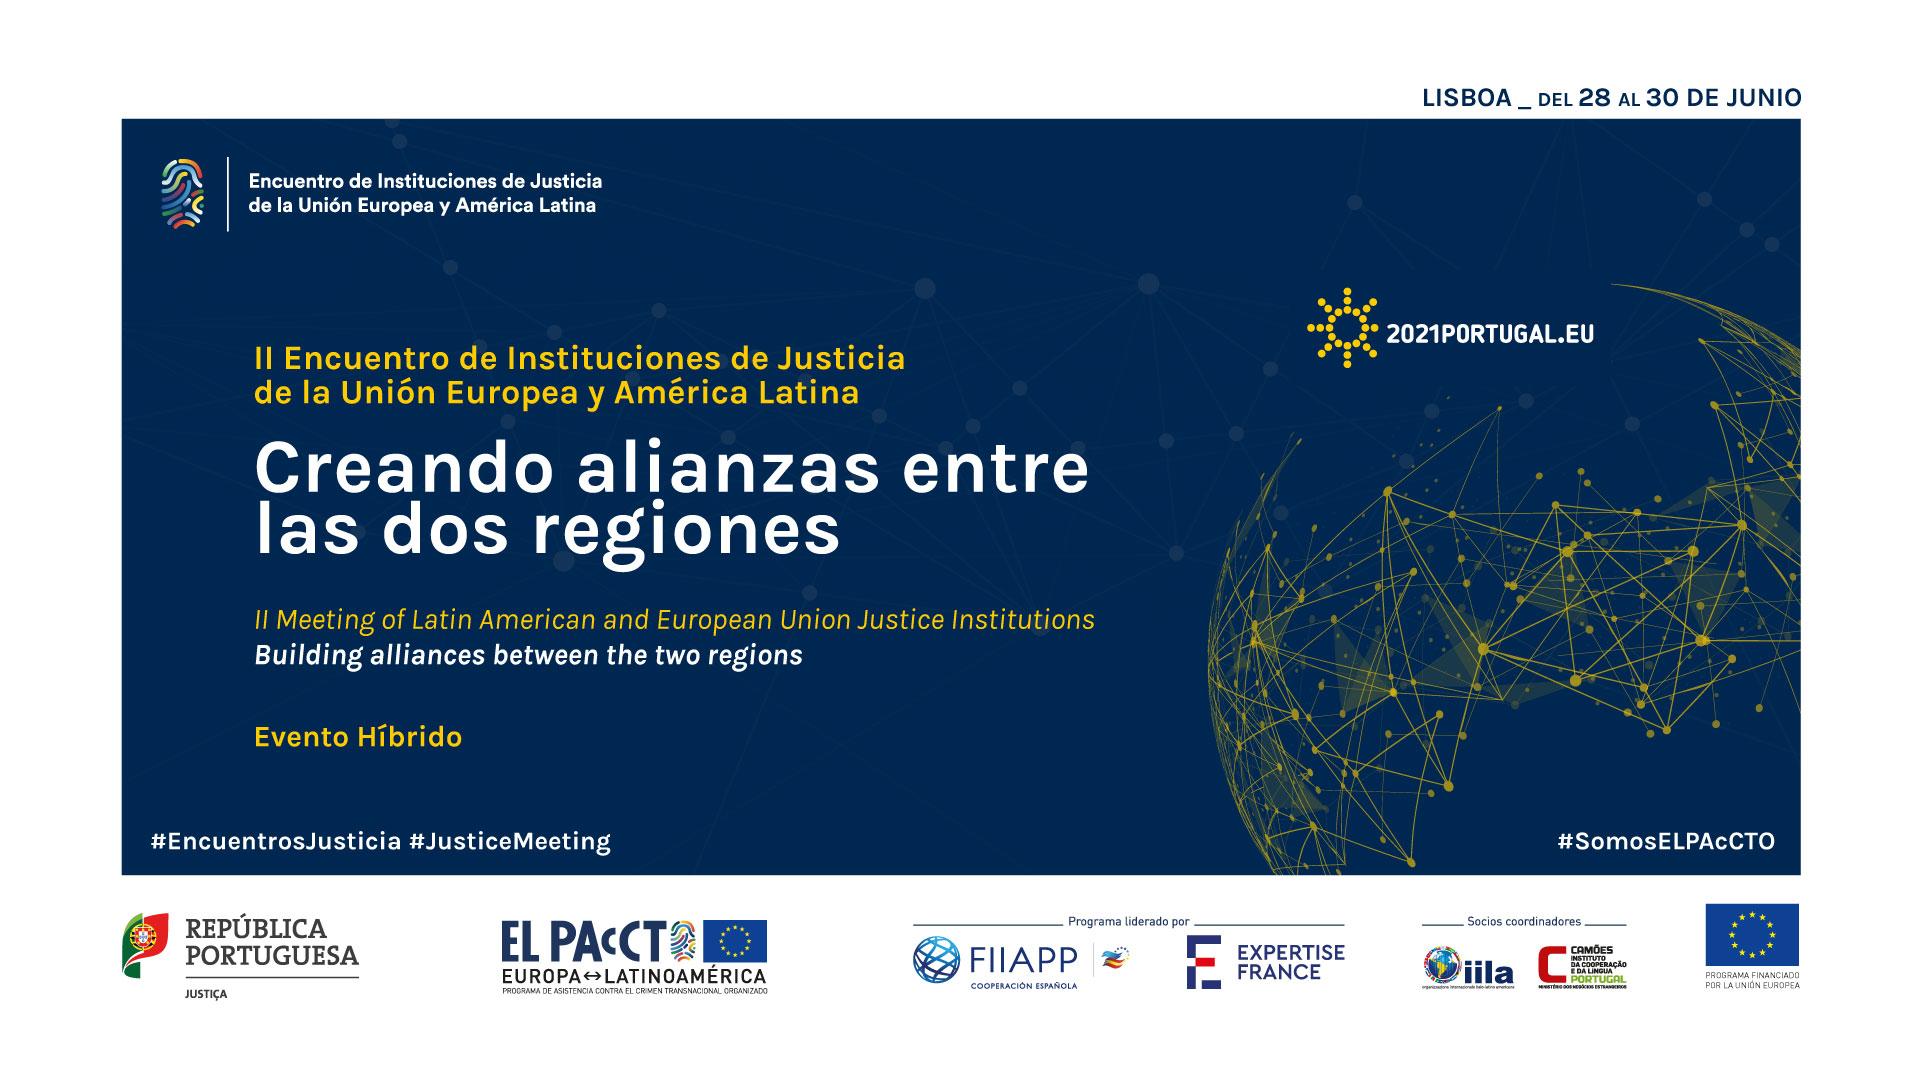 (Español) II Encuentro de Instituciones de Justicia de la Unión Europea y América Latina